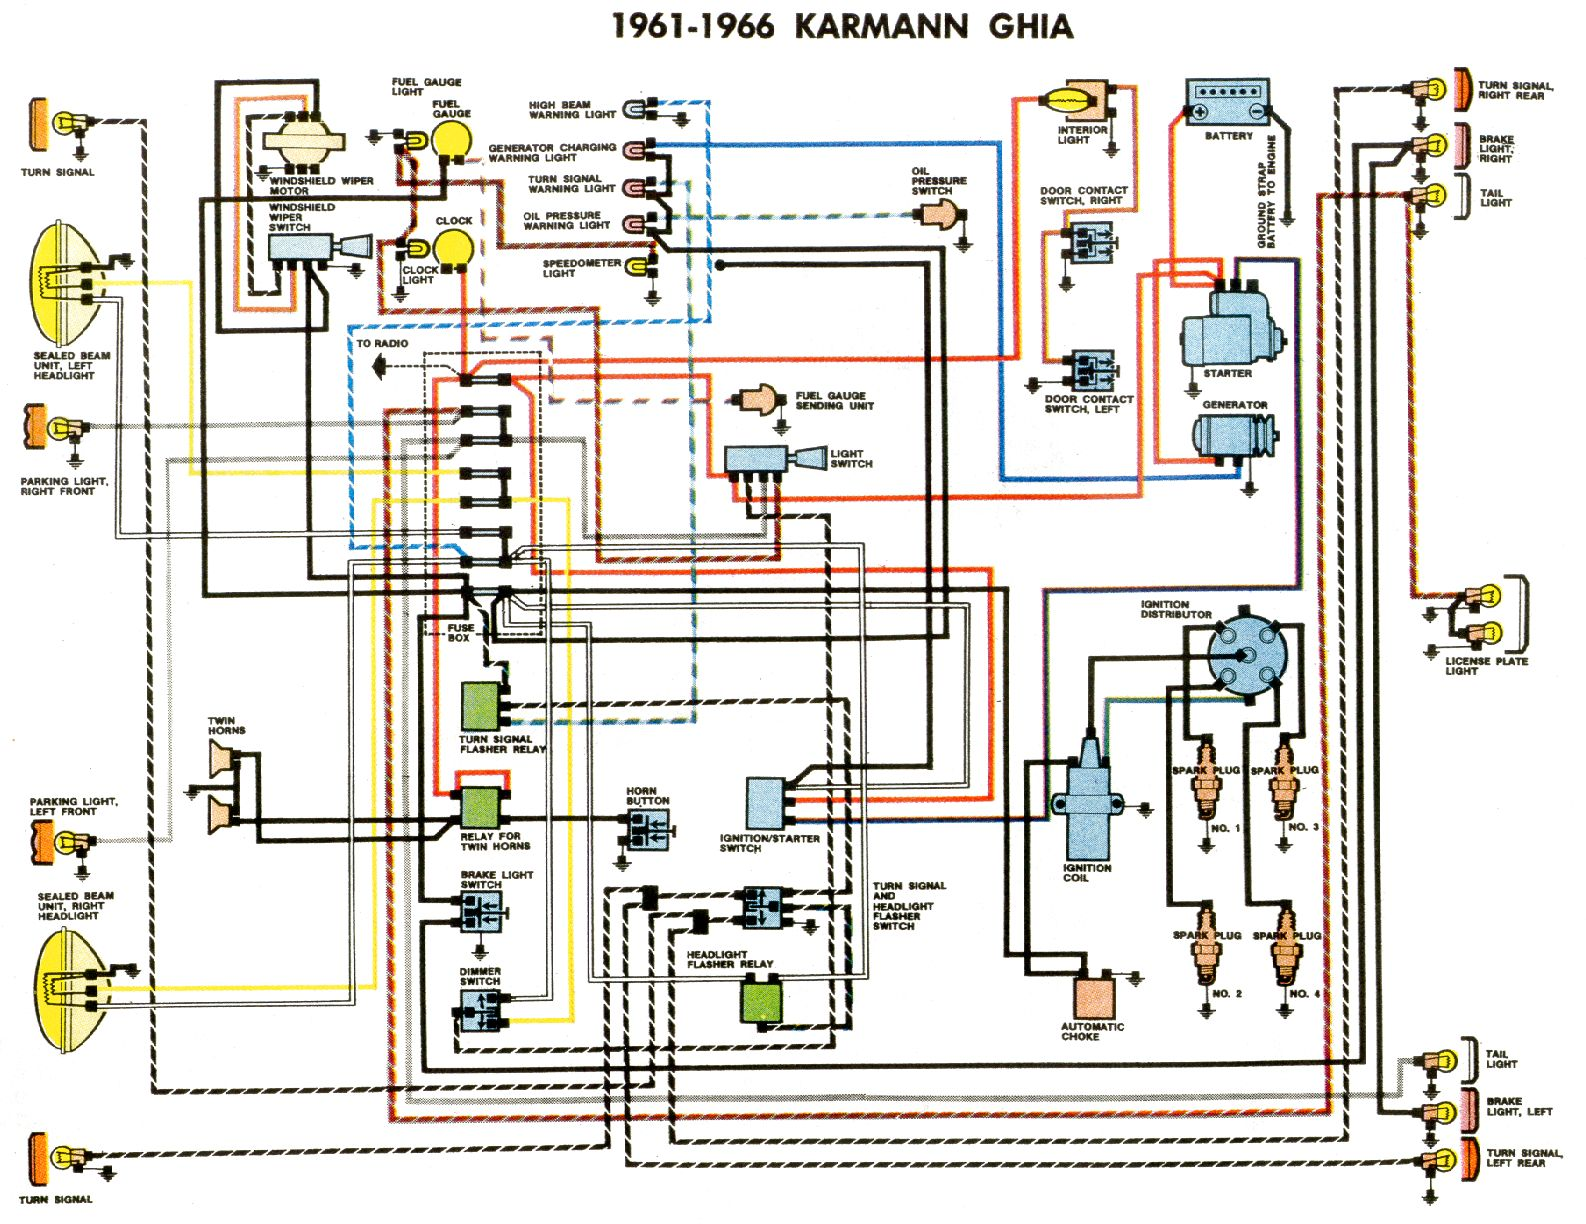 585010?resize\\\\\\\\\\\\\\\=665%2C513\\\\\\\\\\\\\\\&ssl\\\\\\\\\\\\\\\=1 amazing 914 wiring diagram photos wiring schematic tvservice us rotax 912 wiring schematic at alyssarenee.co